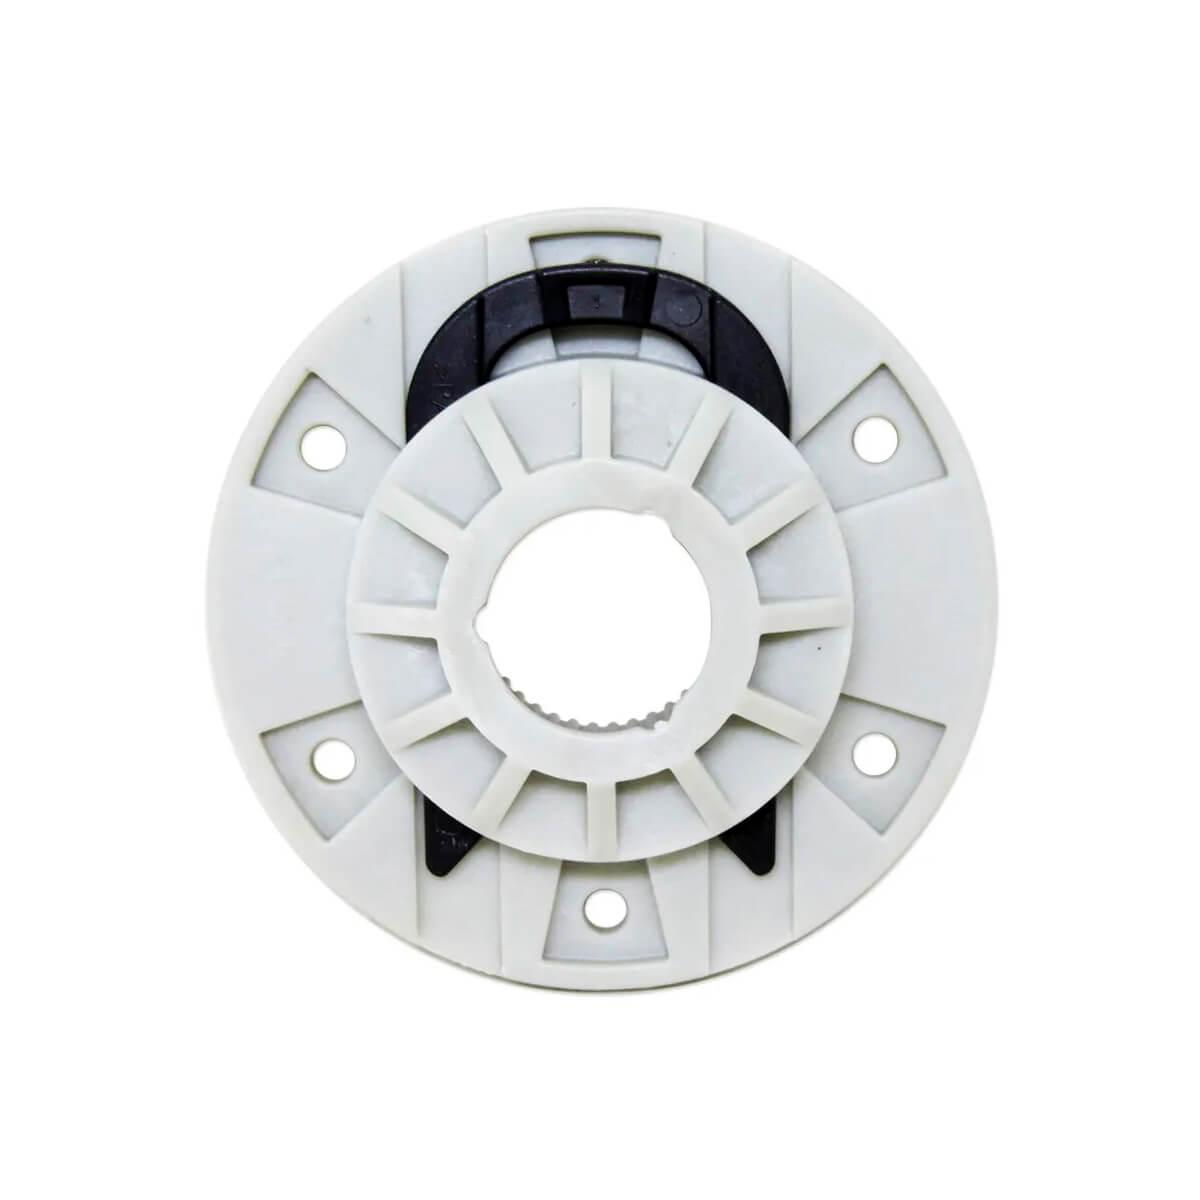 Suporte do Cesto para Máquina de Lavar Brastemp/Consul Alado - W10647948